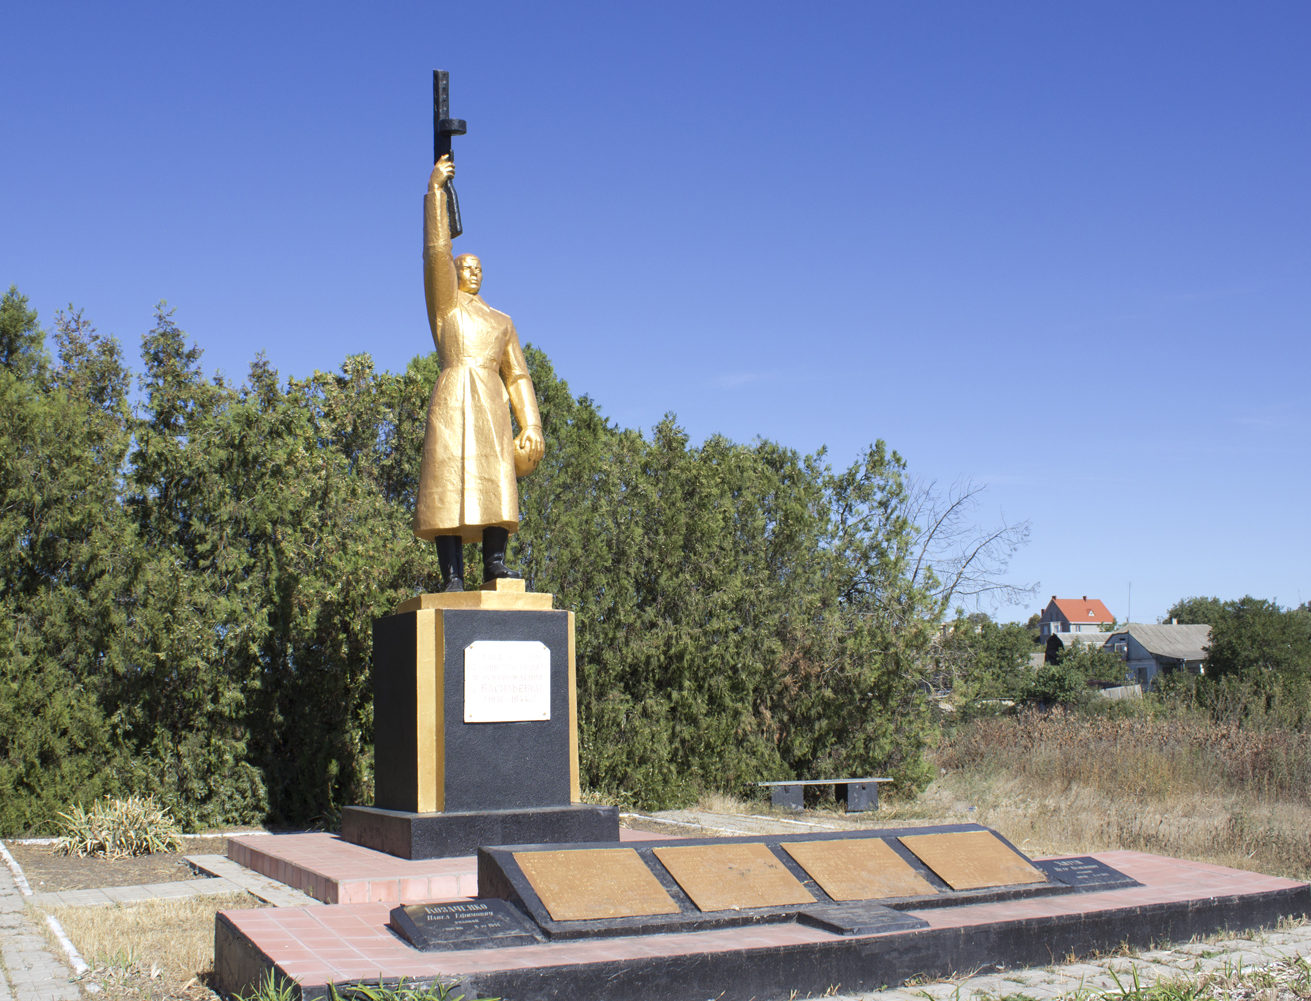 с. Васильевка Беляевского р-на. Памятник, установленный в 1965 году на братской могиле, в которой похоронено 99 воинов, погибших в годы войны.